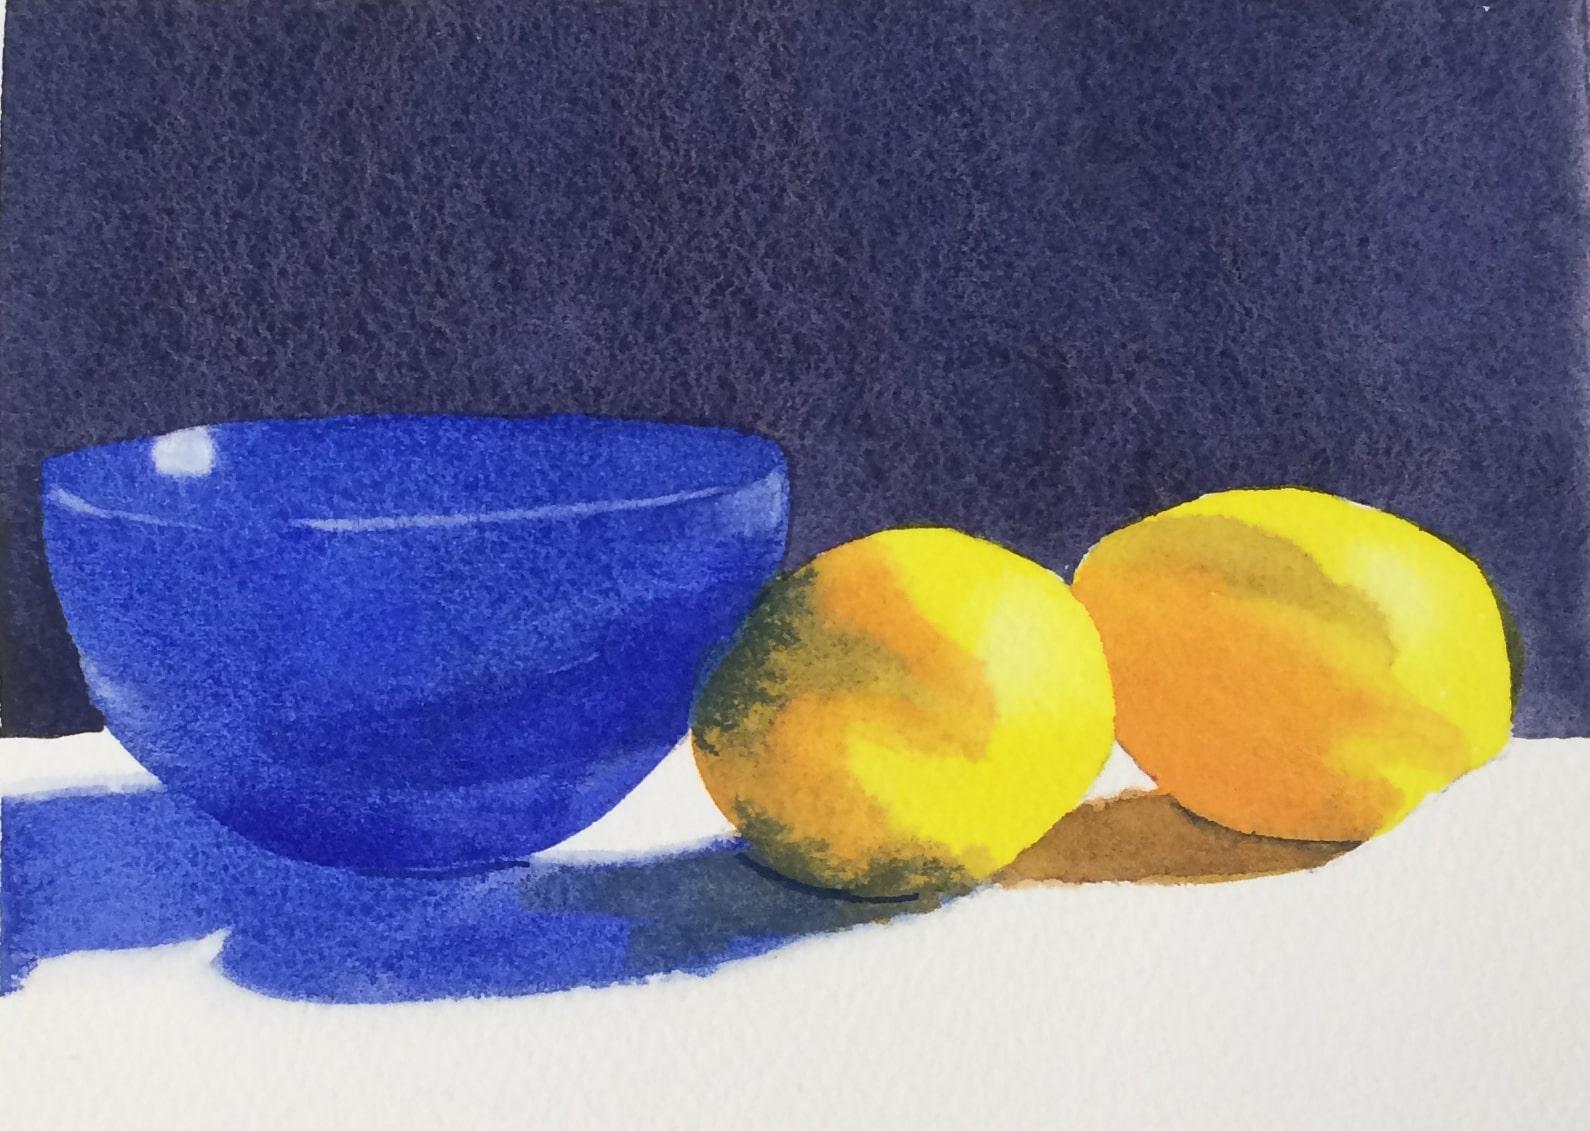 Bowl and lemons demo painting.